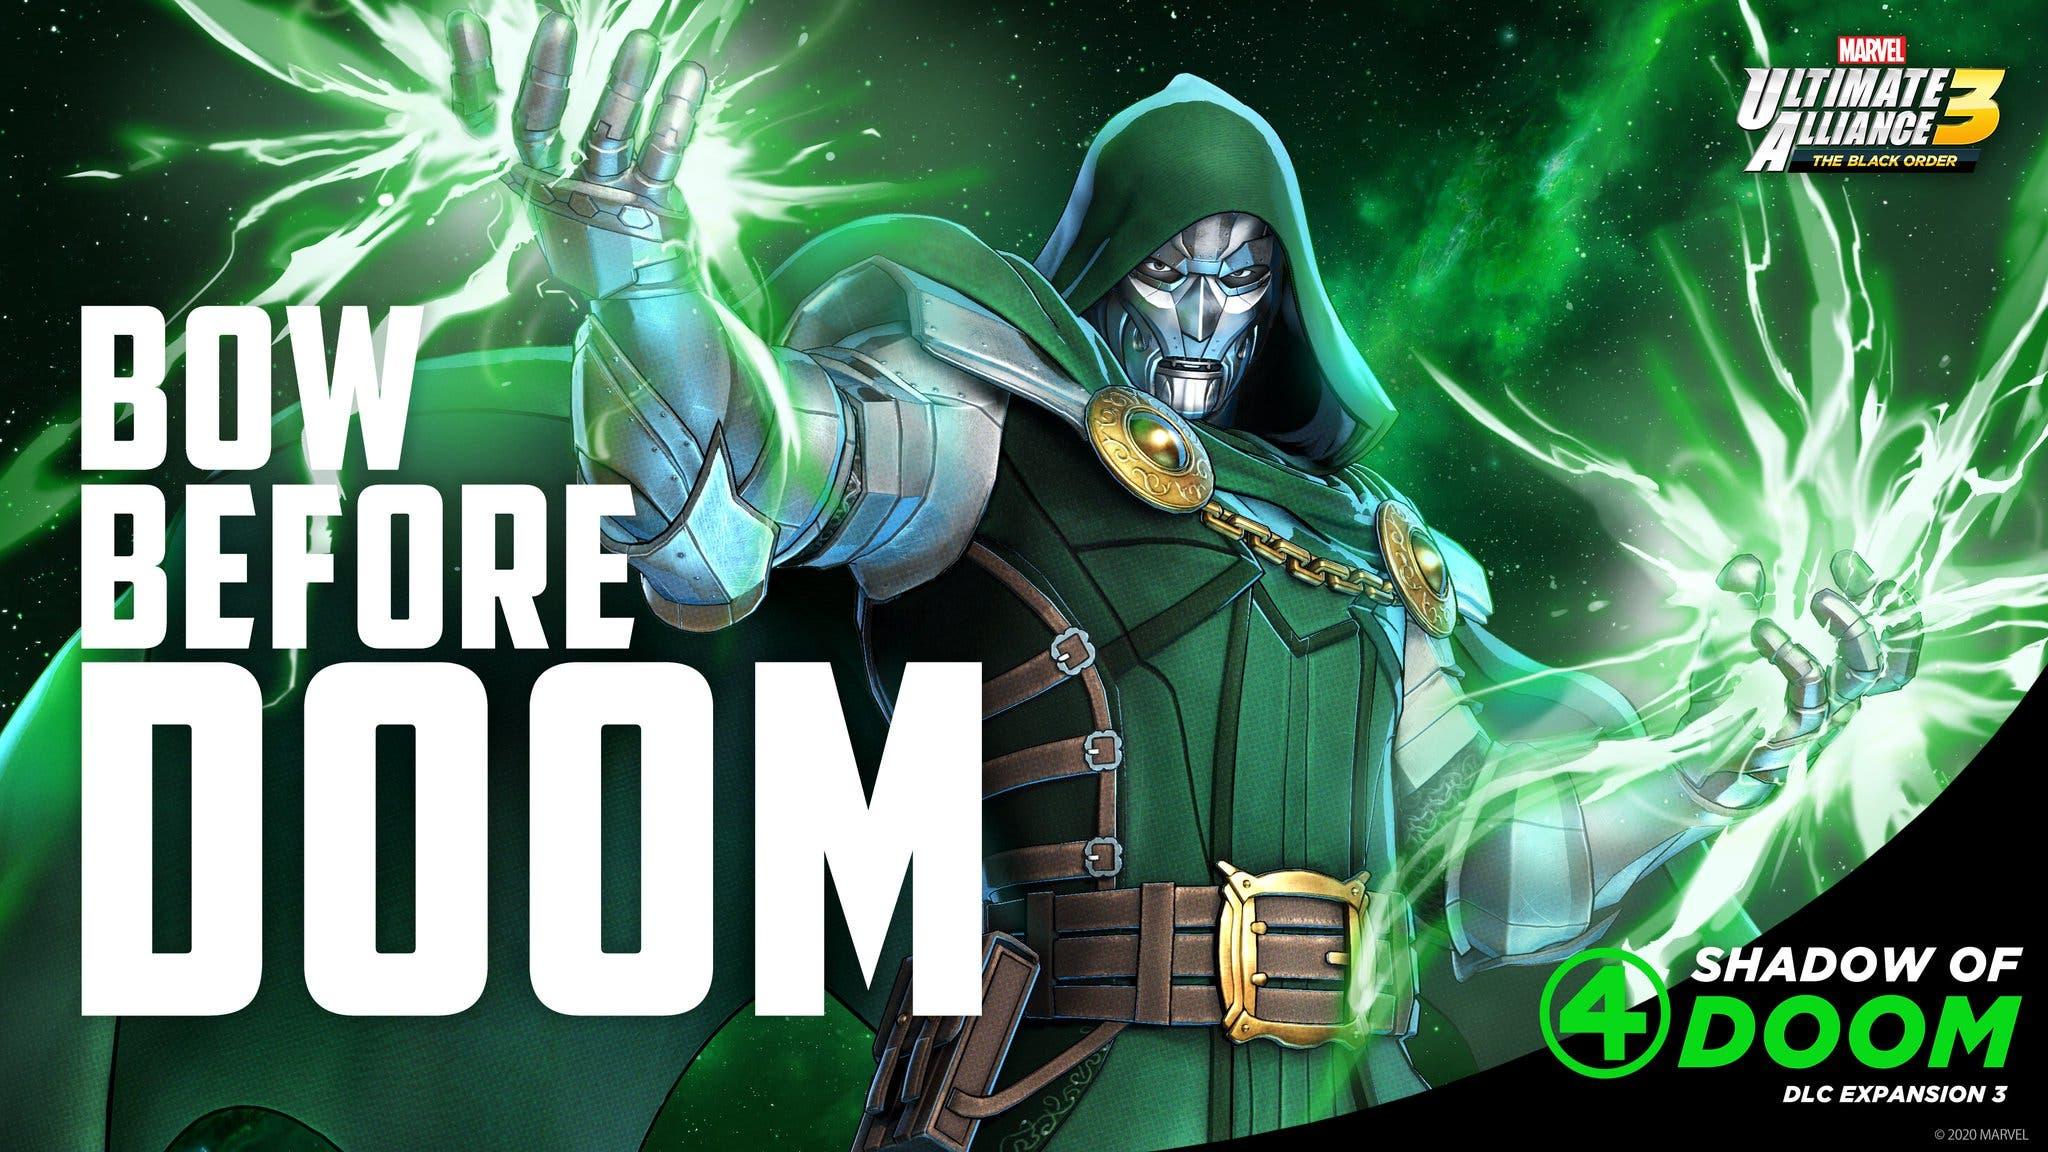 Nintendo nos muestra al Doctor Doom en Marvel Ultimate Alliance 3: The Black Order